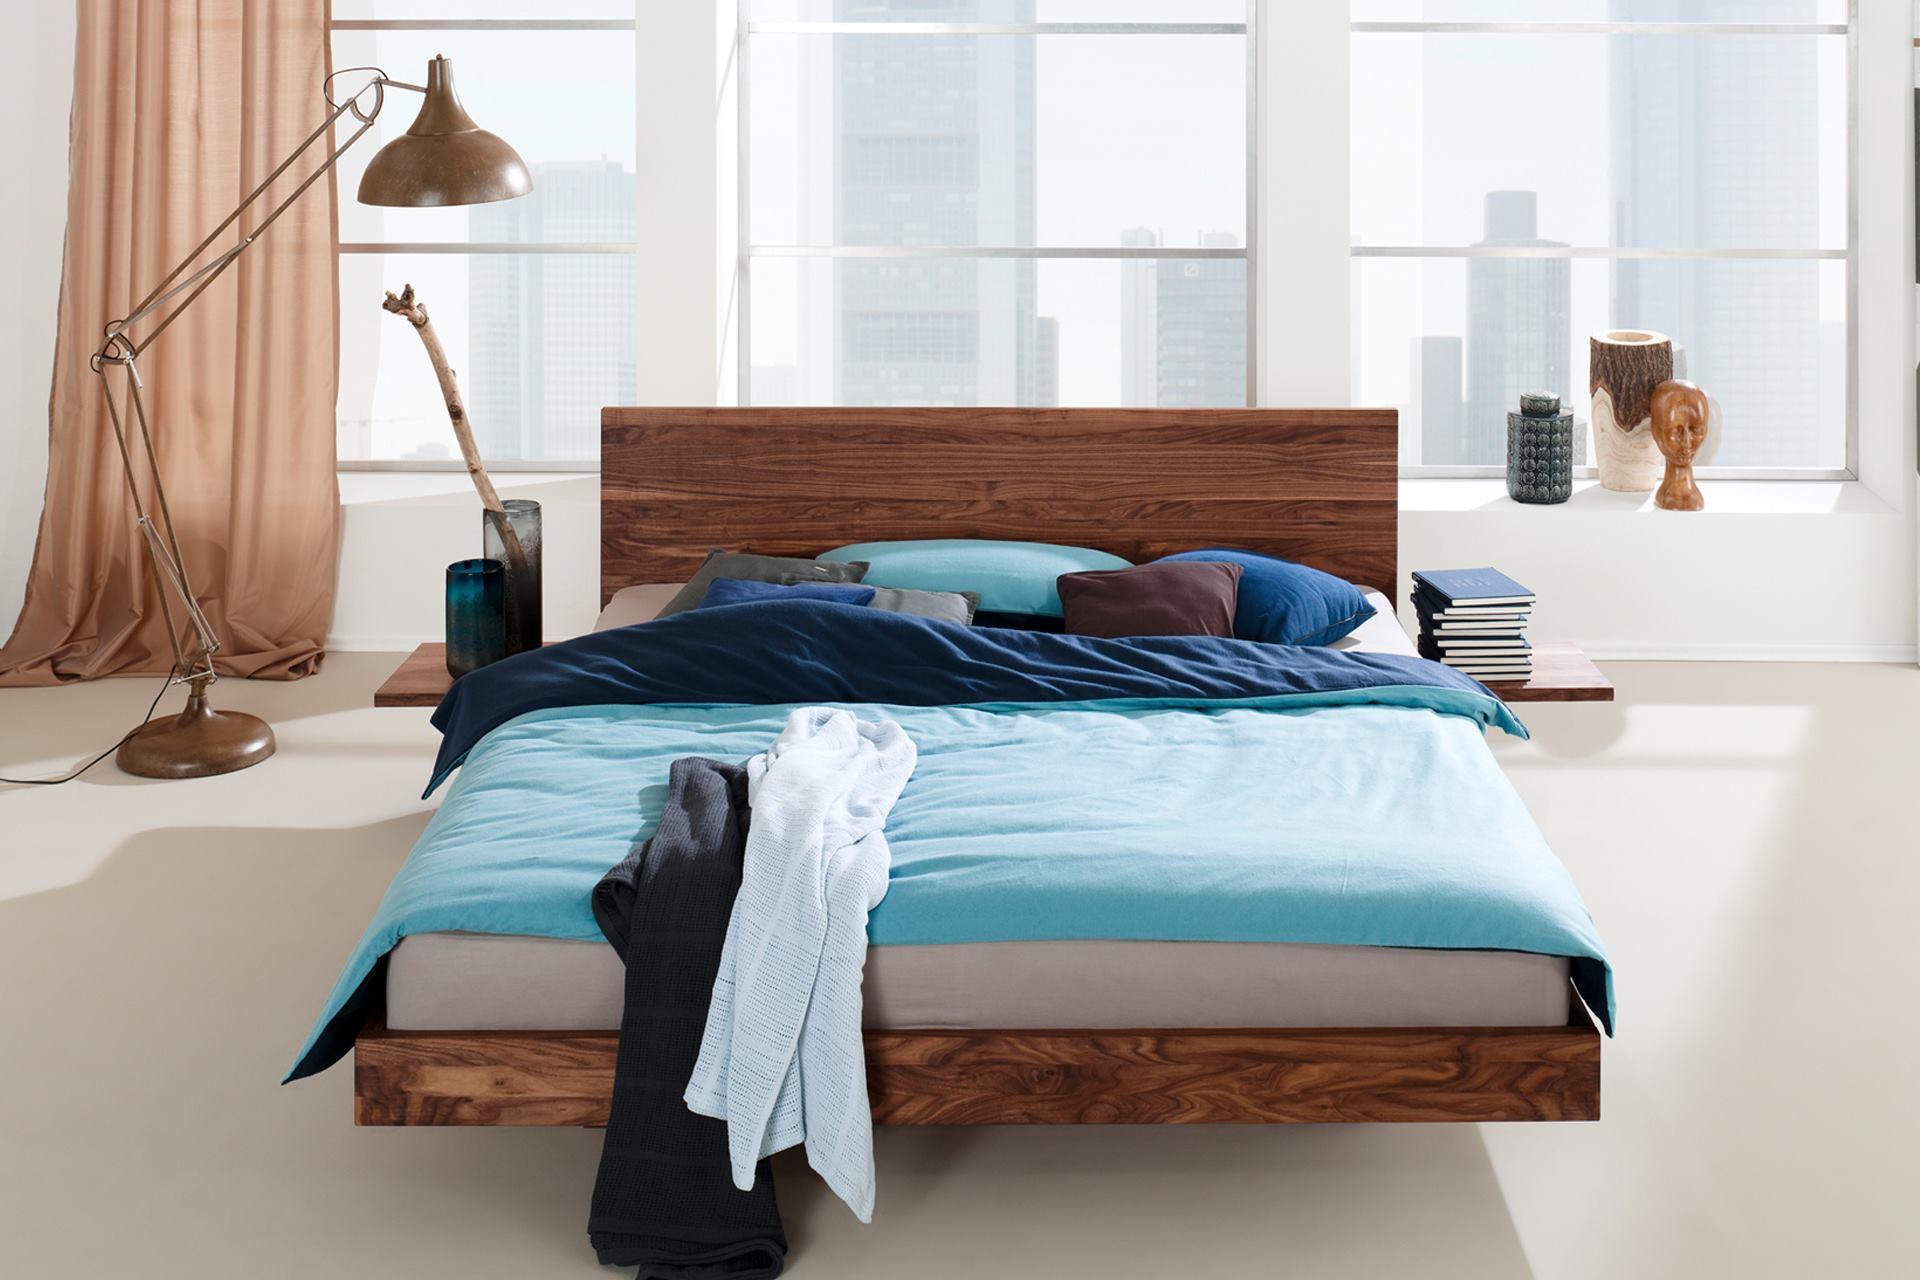 Full Size of Coole Betten Hohe Massivholz Rauch 180x200 Mit Bettkasten Luxus Französische Ruf Frankfurt Fabrikverkauf Runde München Flexa Mannheim Jabo Mädchen Test Wohnzimmer Niedrige Betten